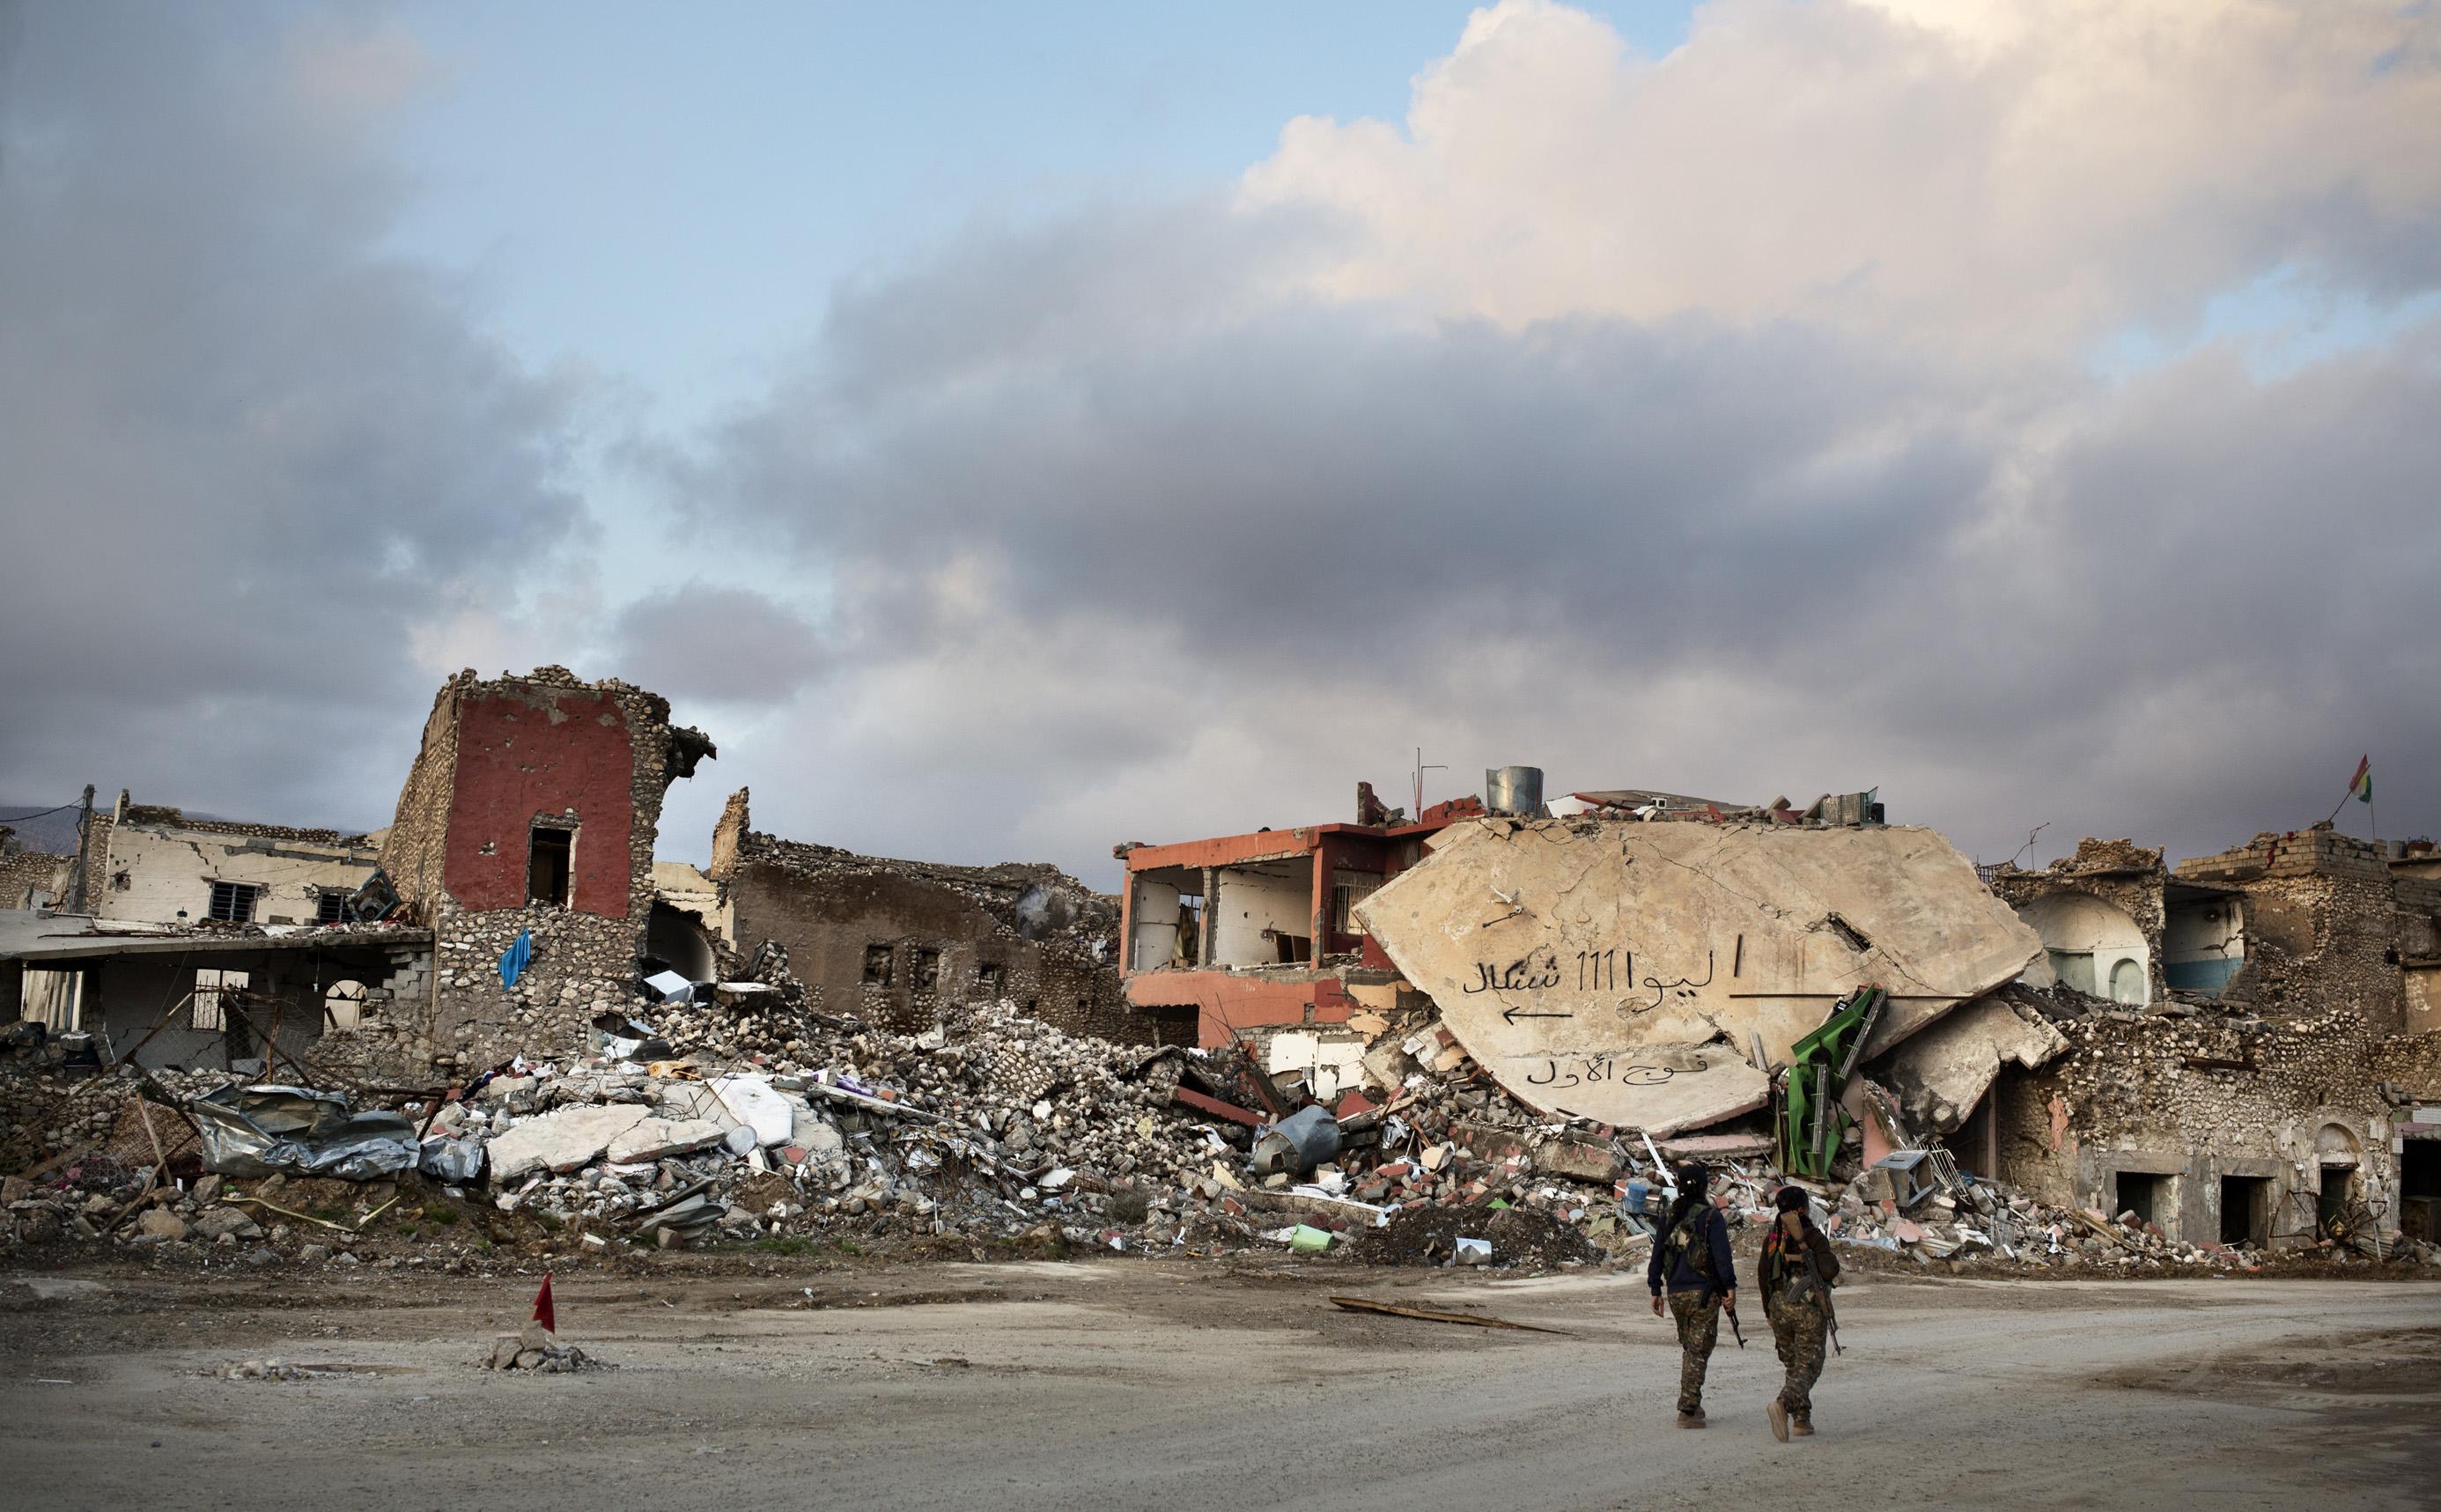 SINJAR, KURDISTAN, IRAQ- FEBRUARY, 2016: Shilan (casquette) Yezidie combattante du YBS marchent avec sa camarade dans les ruines de la ville martyr de Sinjar. Des obus et des mortiers de Daech continuent de tomber. (picture by Veronique de Viguerie/ Reportage by Getty Images )